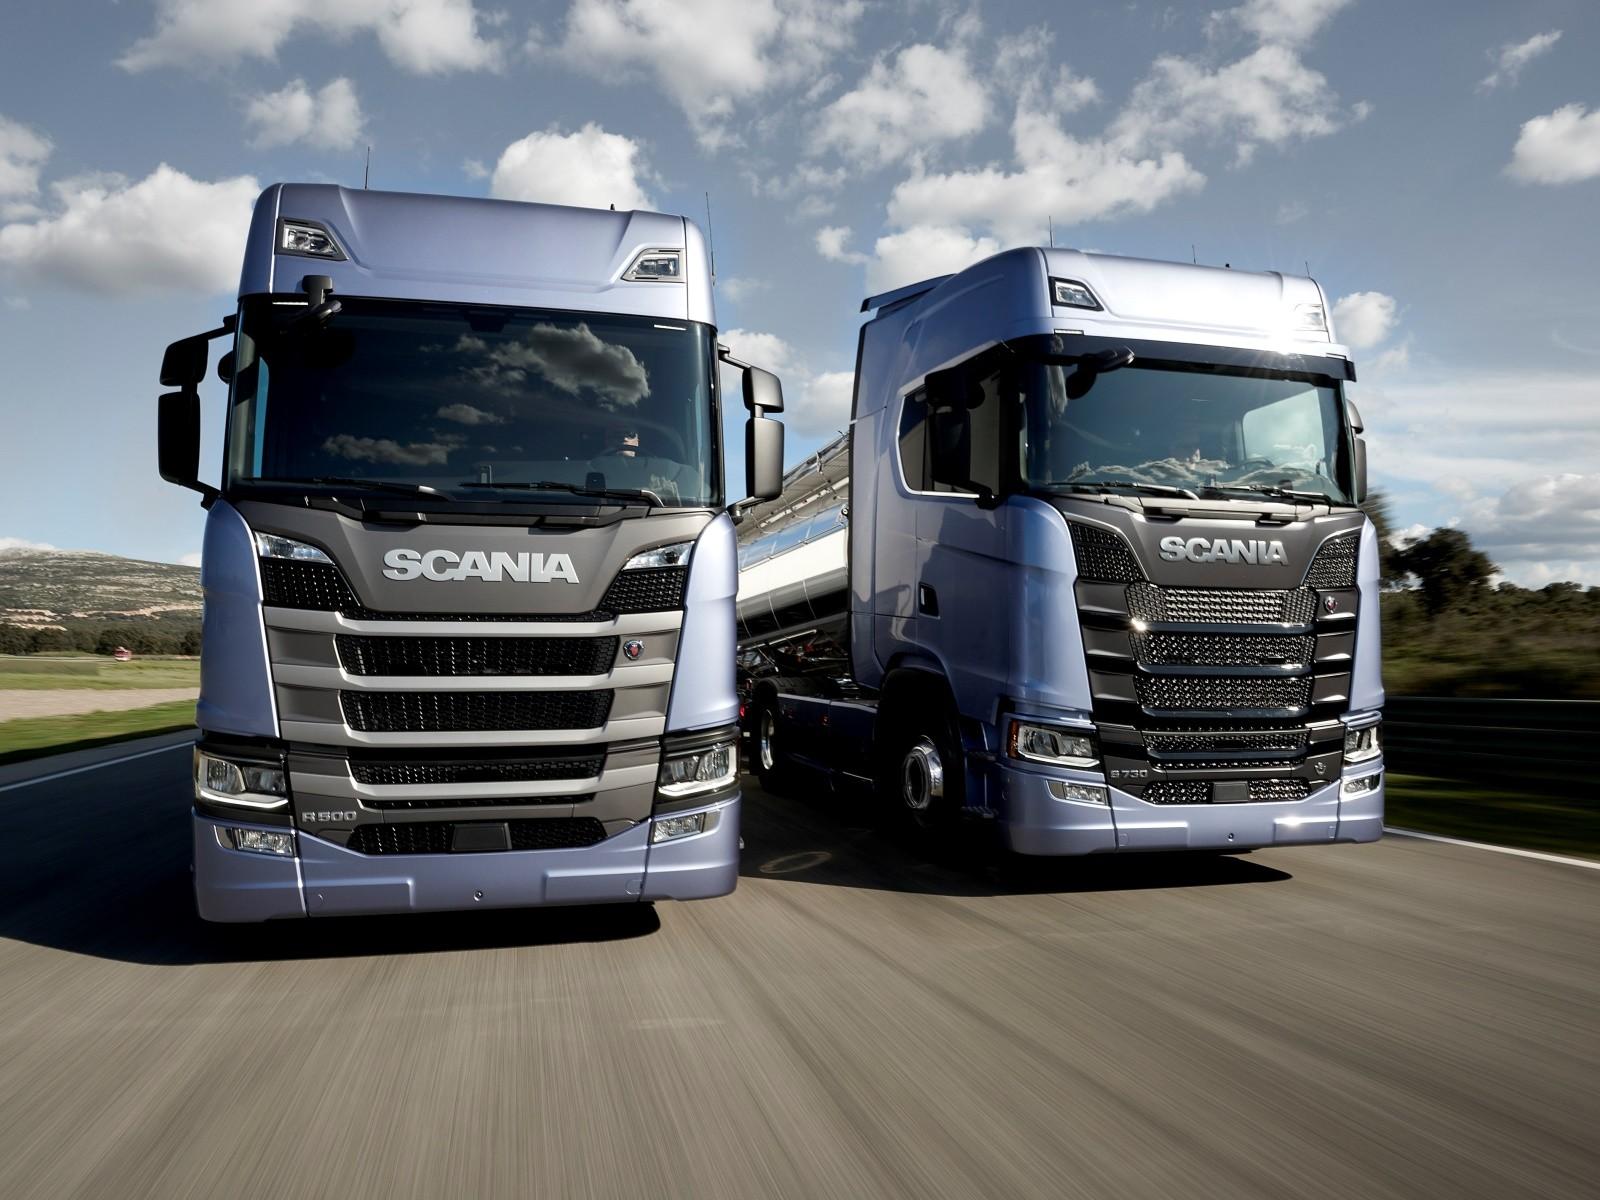 Транспортные услуги по перевозке грузов Ижевск и по России